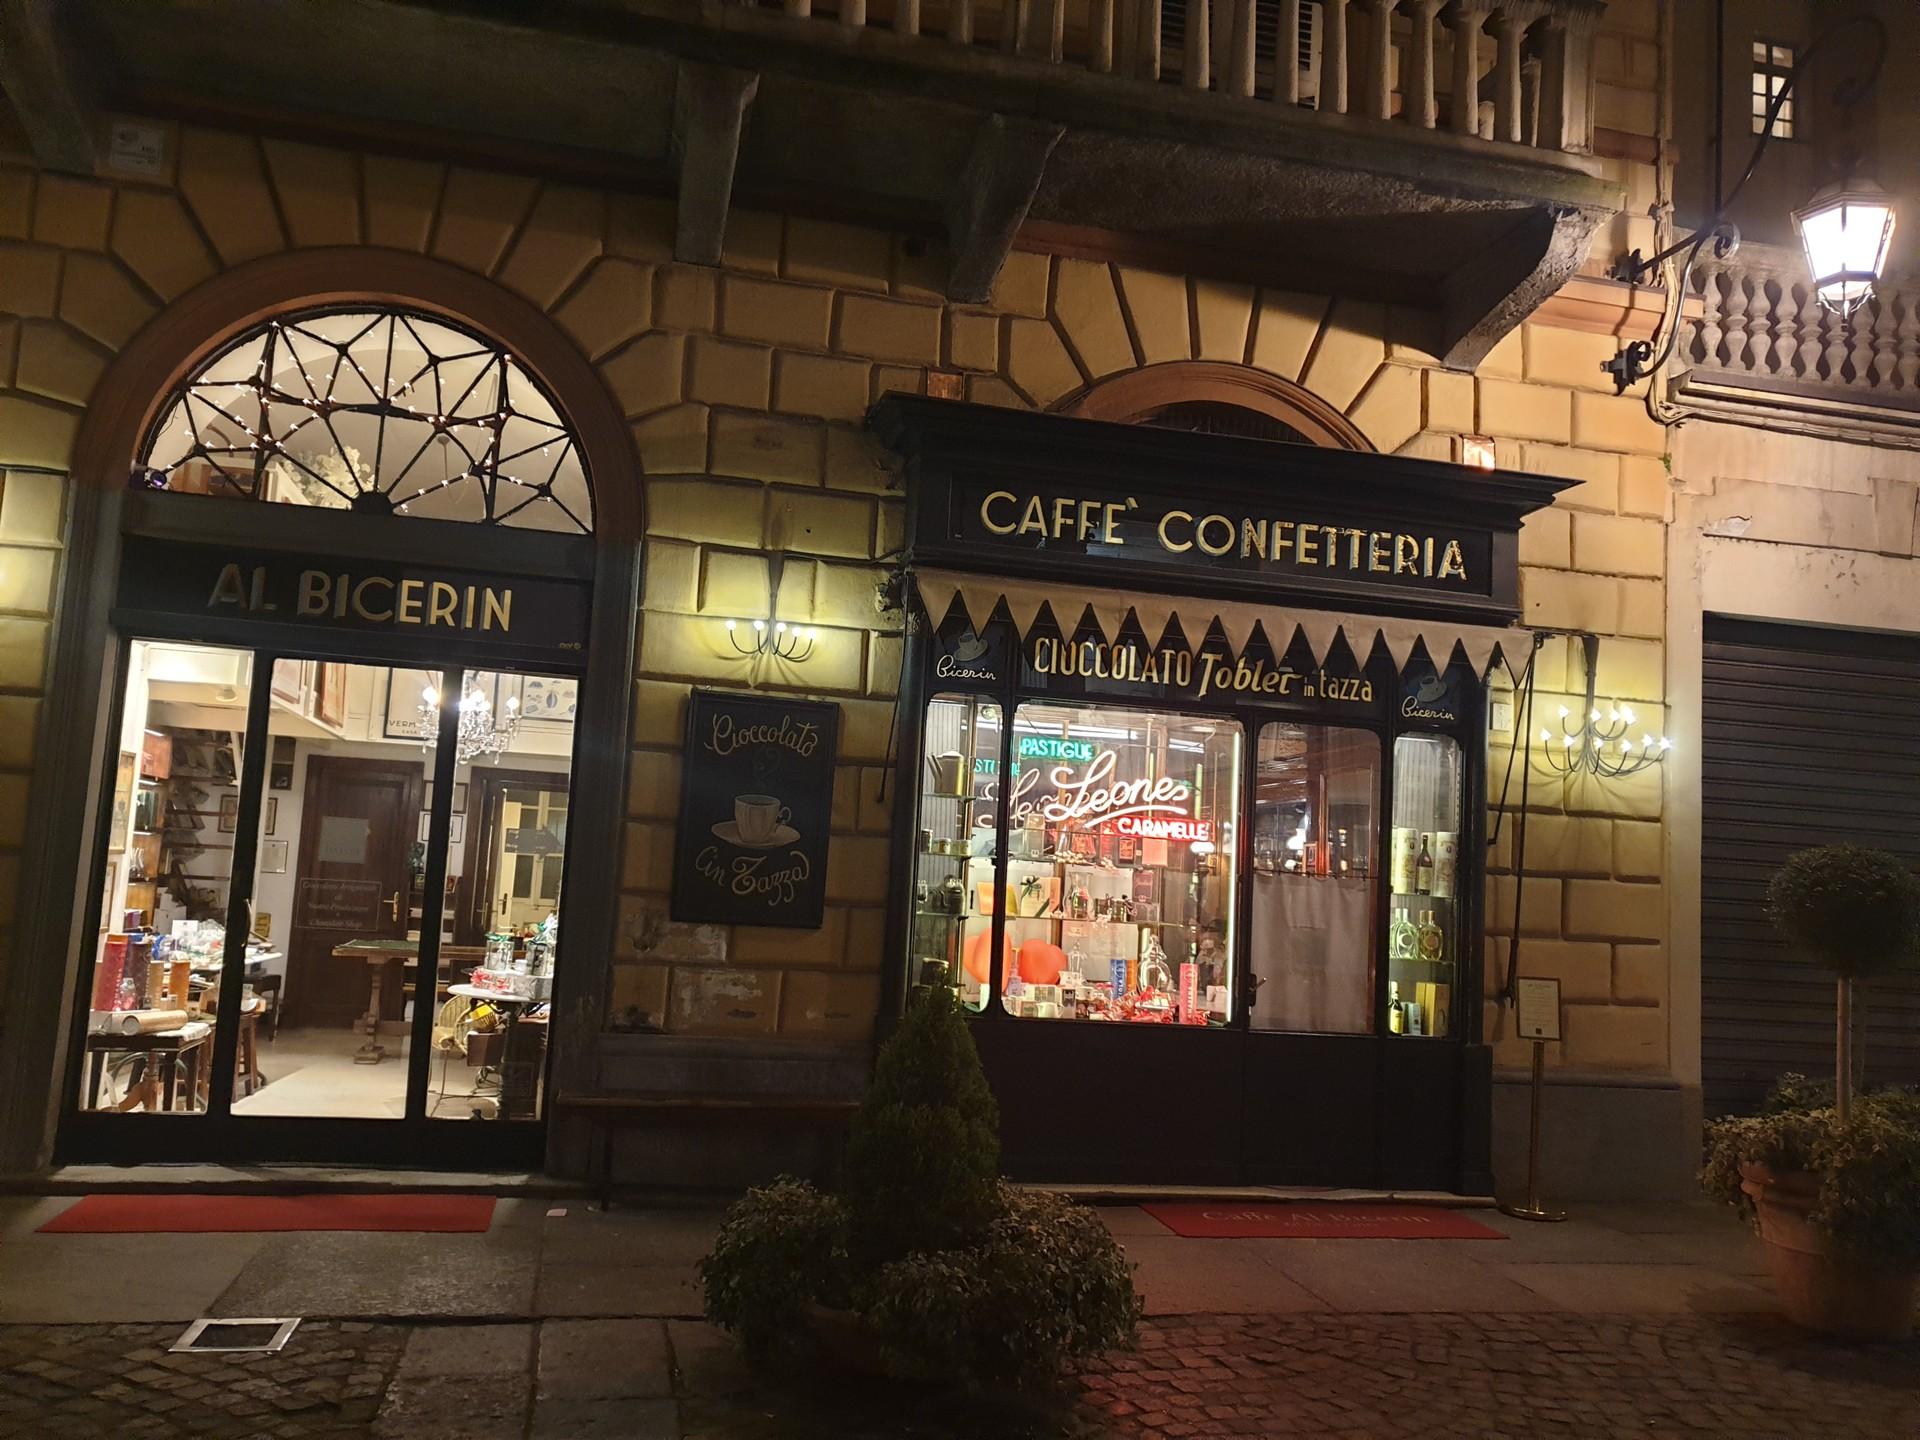 un-sitio-maravilloso-amantes-cafe-f86a21